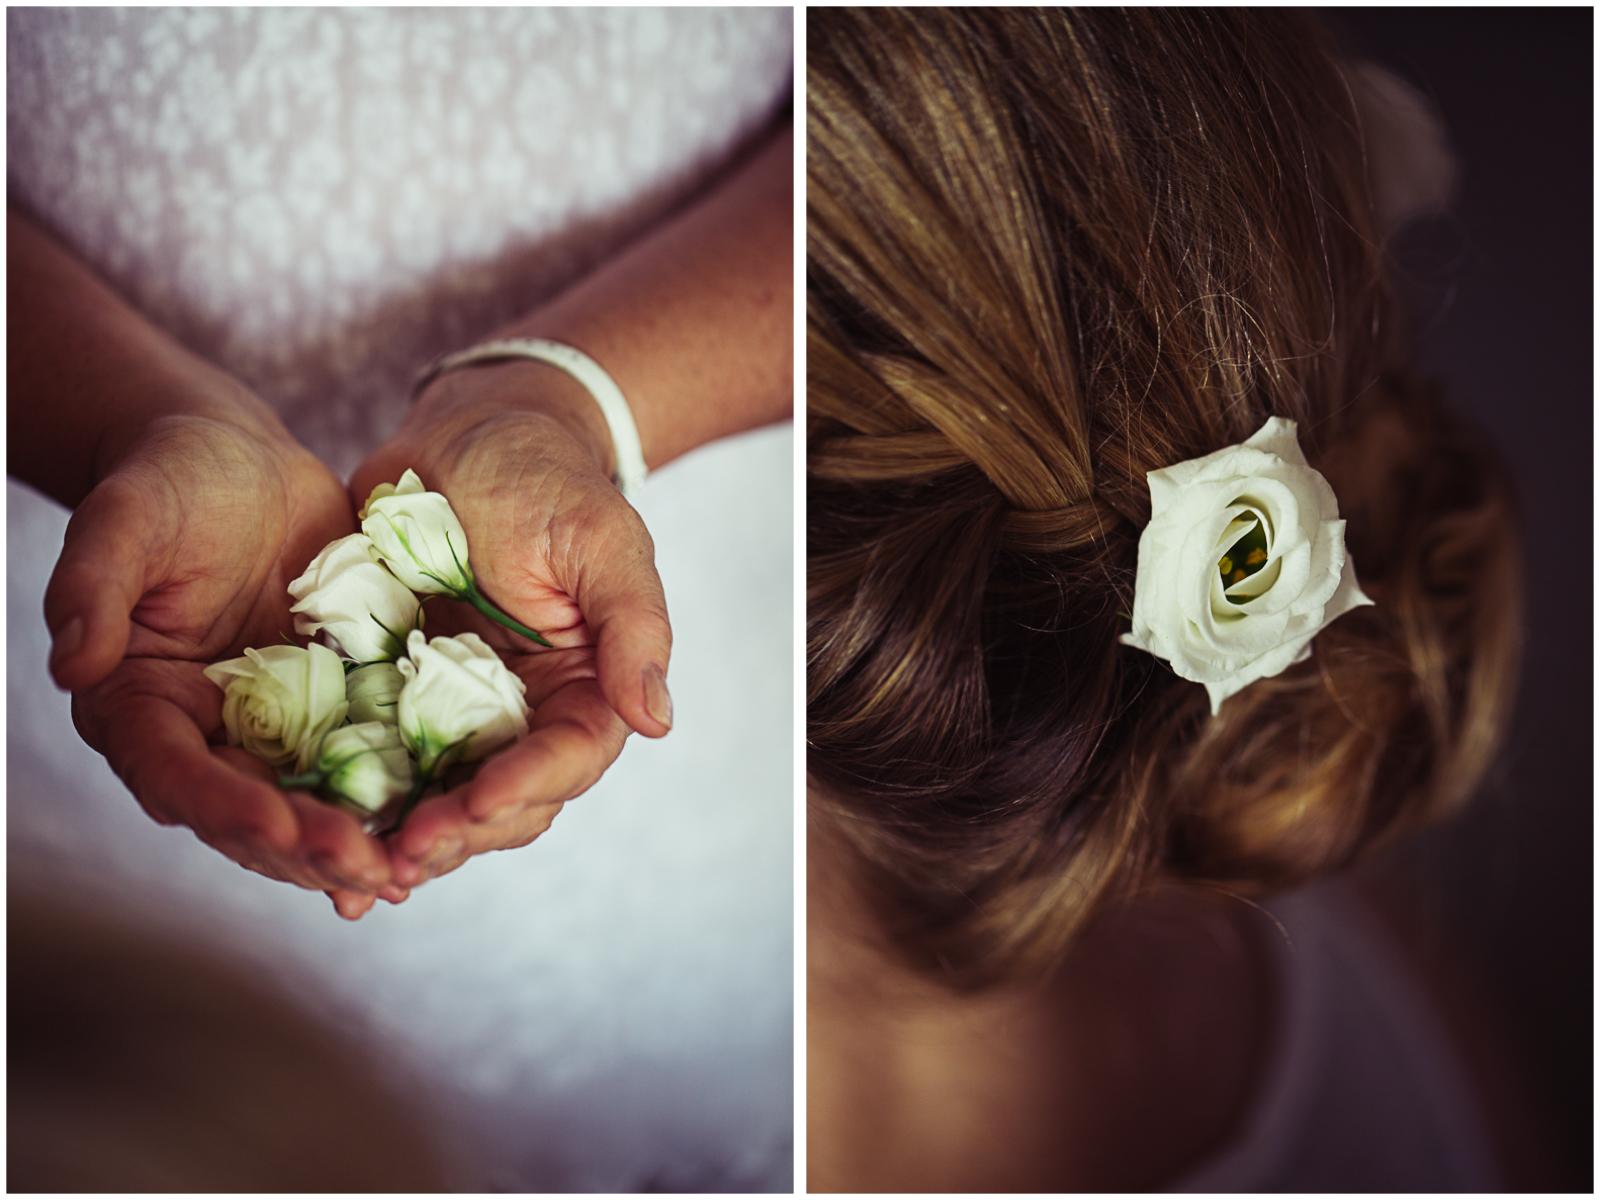 white-rosebuds-hair-hand-wedding-012.jpg